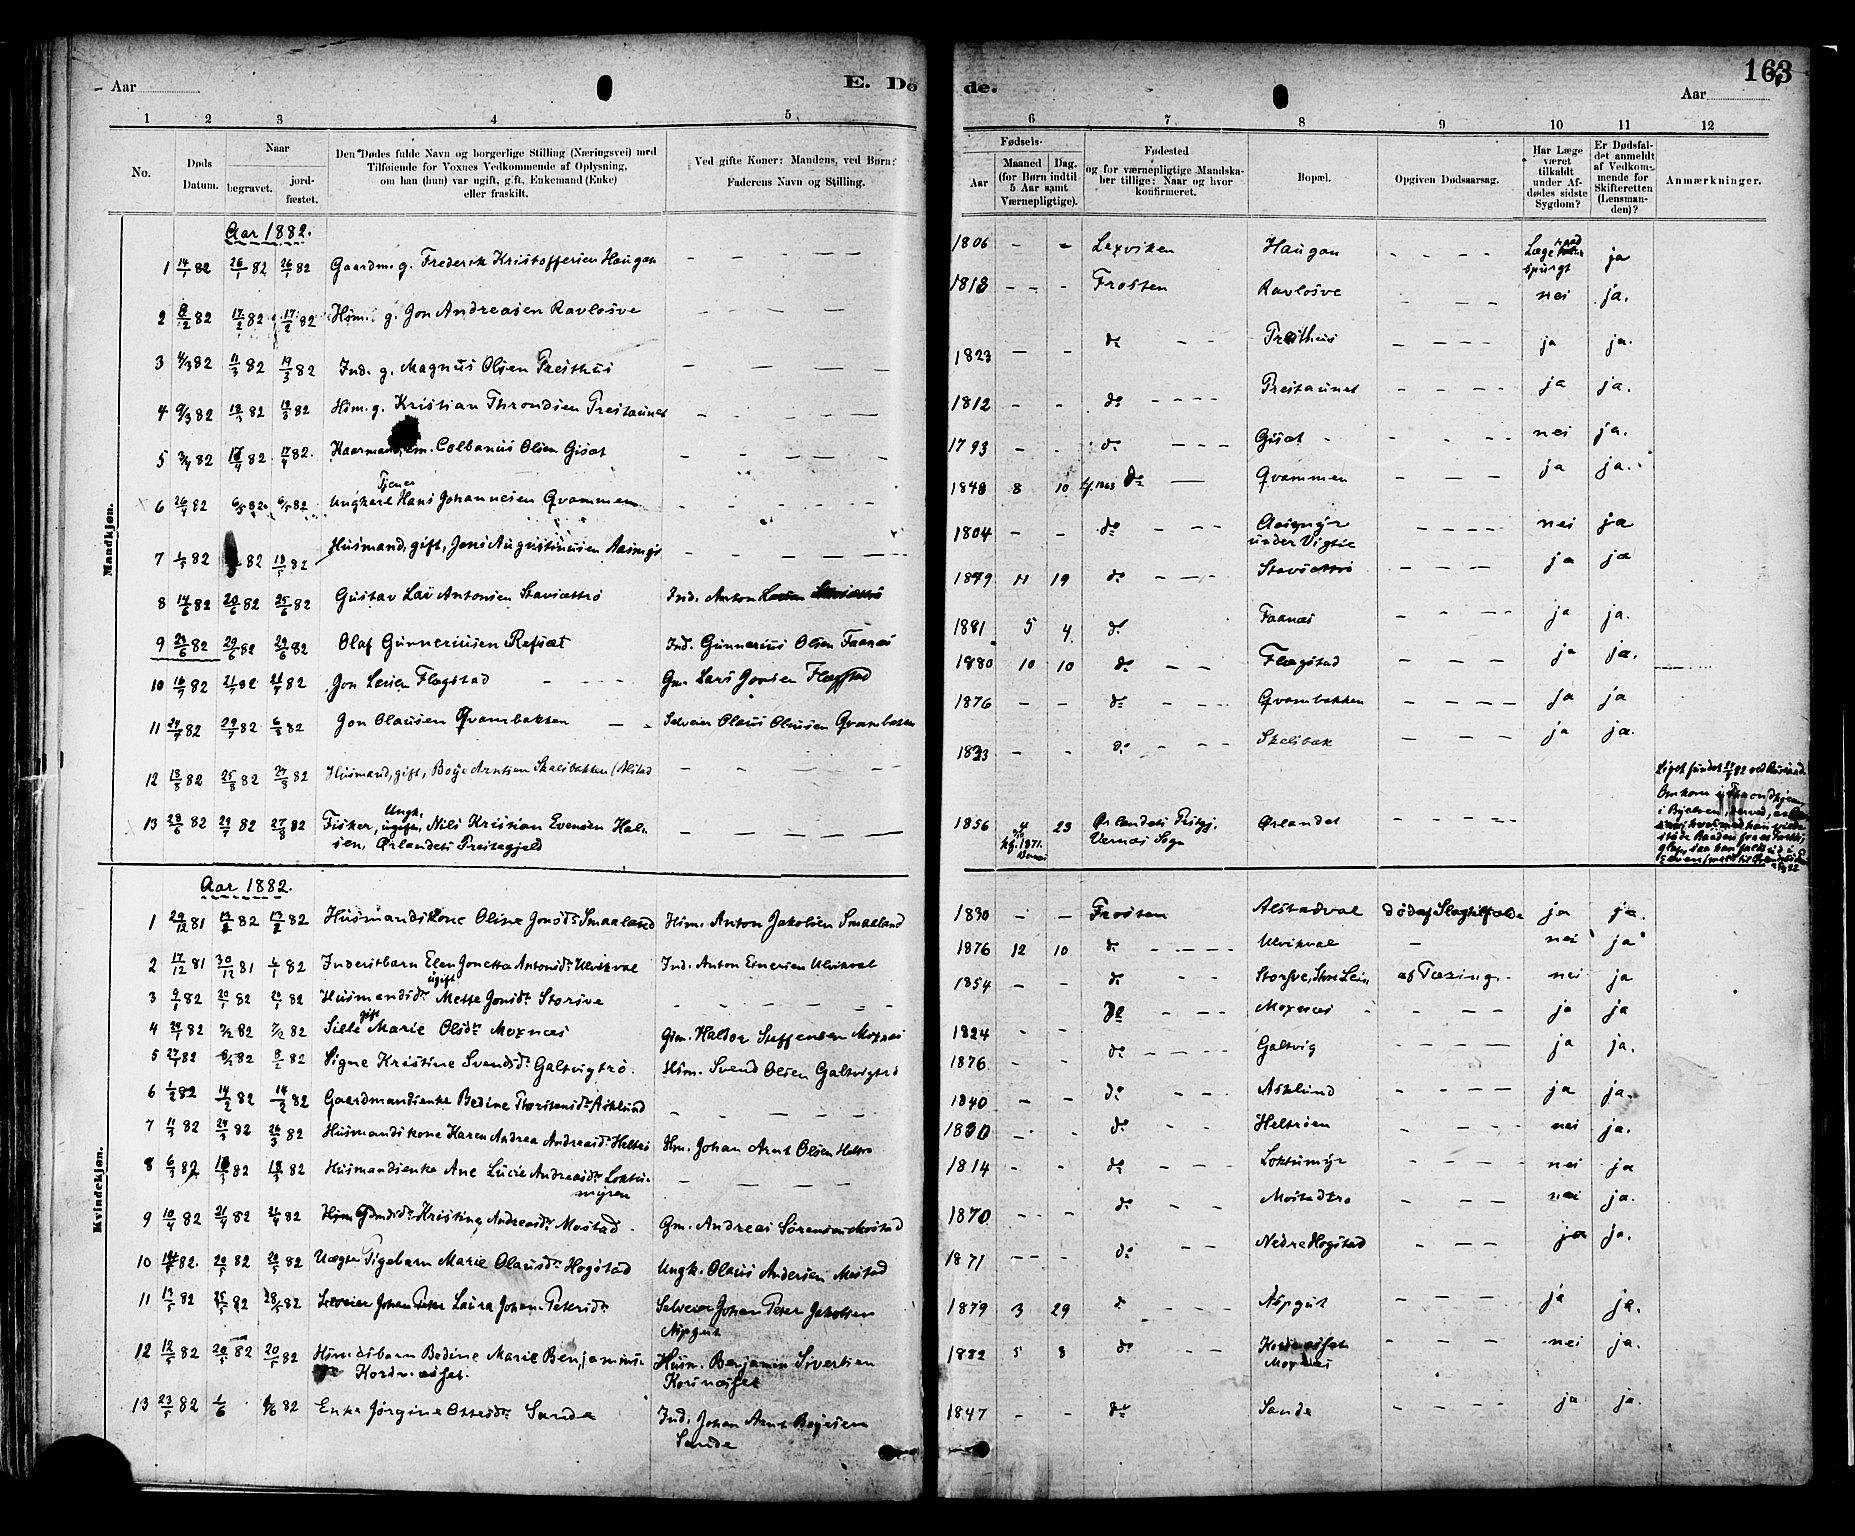 SAT, Ministerialprotokoller, klokkerbøker og fødselsregistre - Nord-Trøndelag, 713/L0120: Ministerialbok nr. 713A09, 1878-1887, s. 163